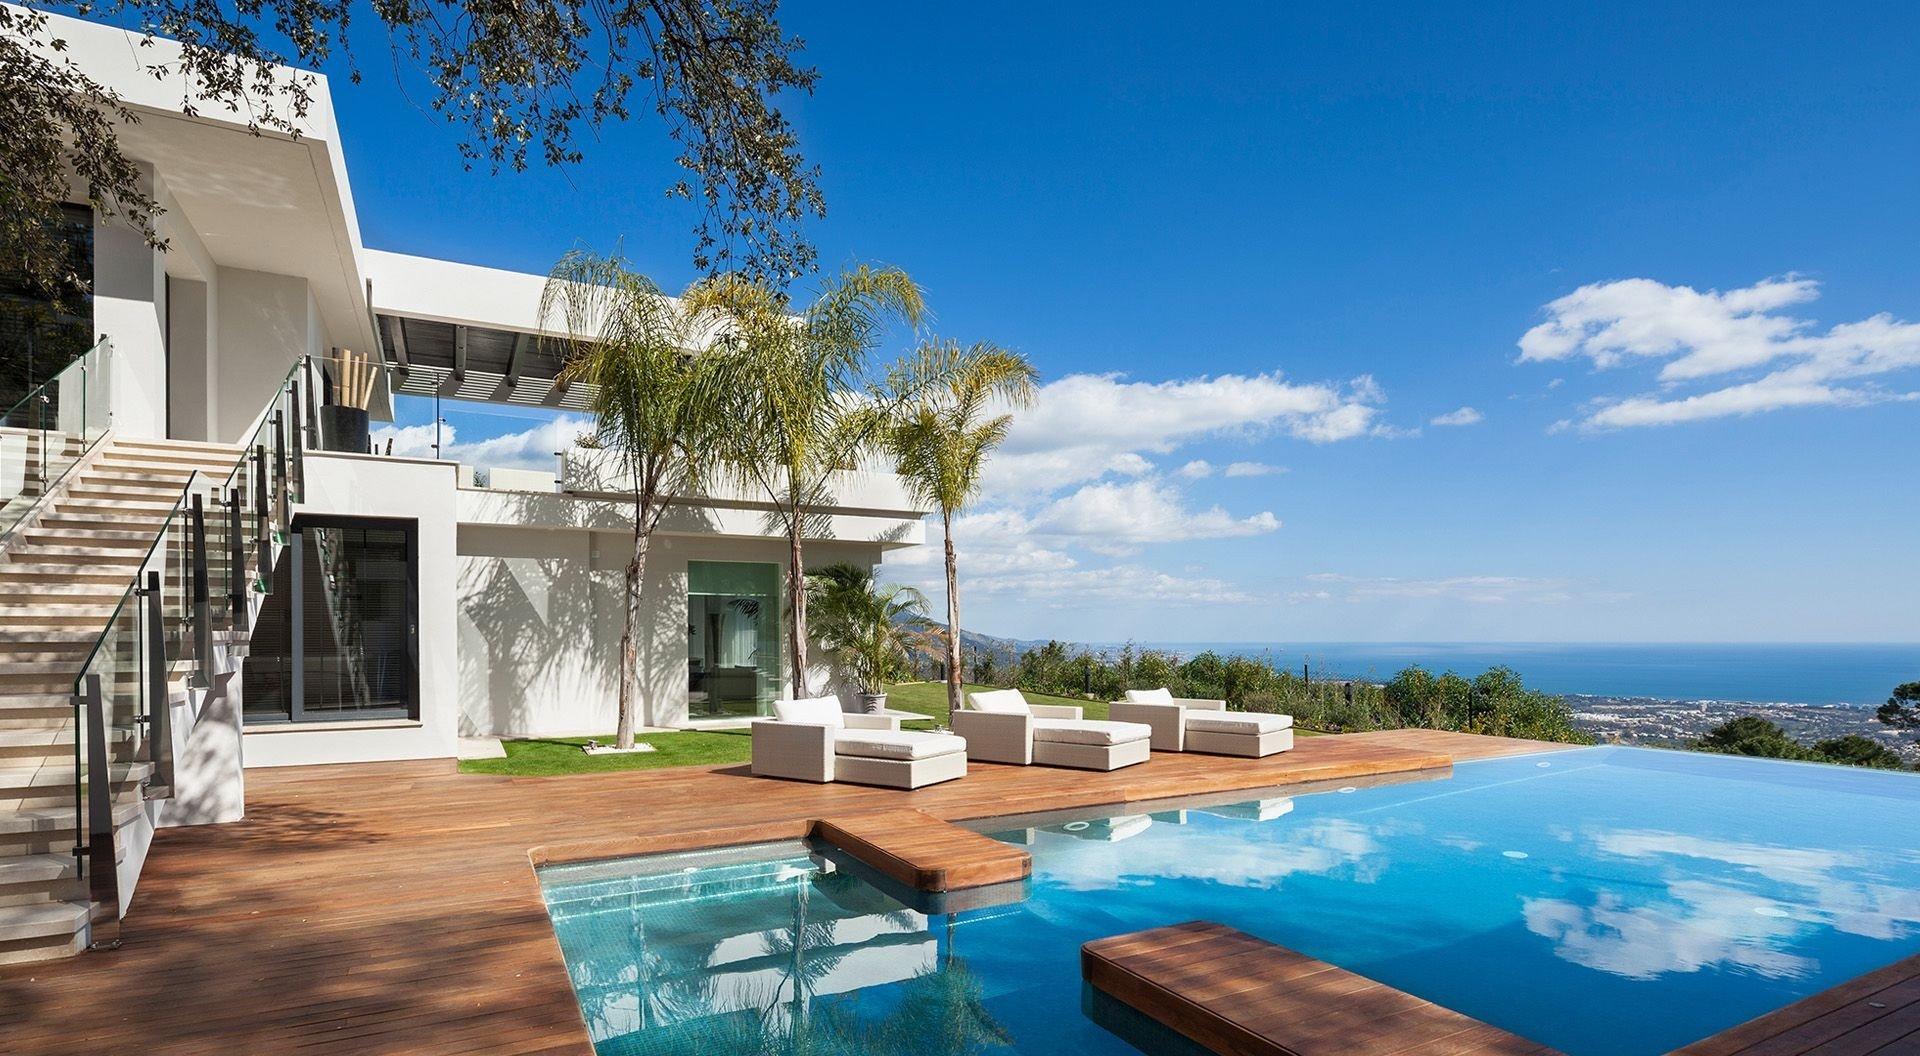 Villa for rent in Benahavis, La Zagaleta